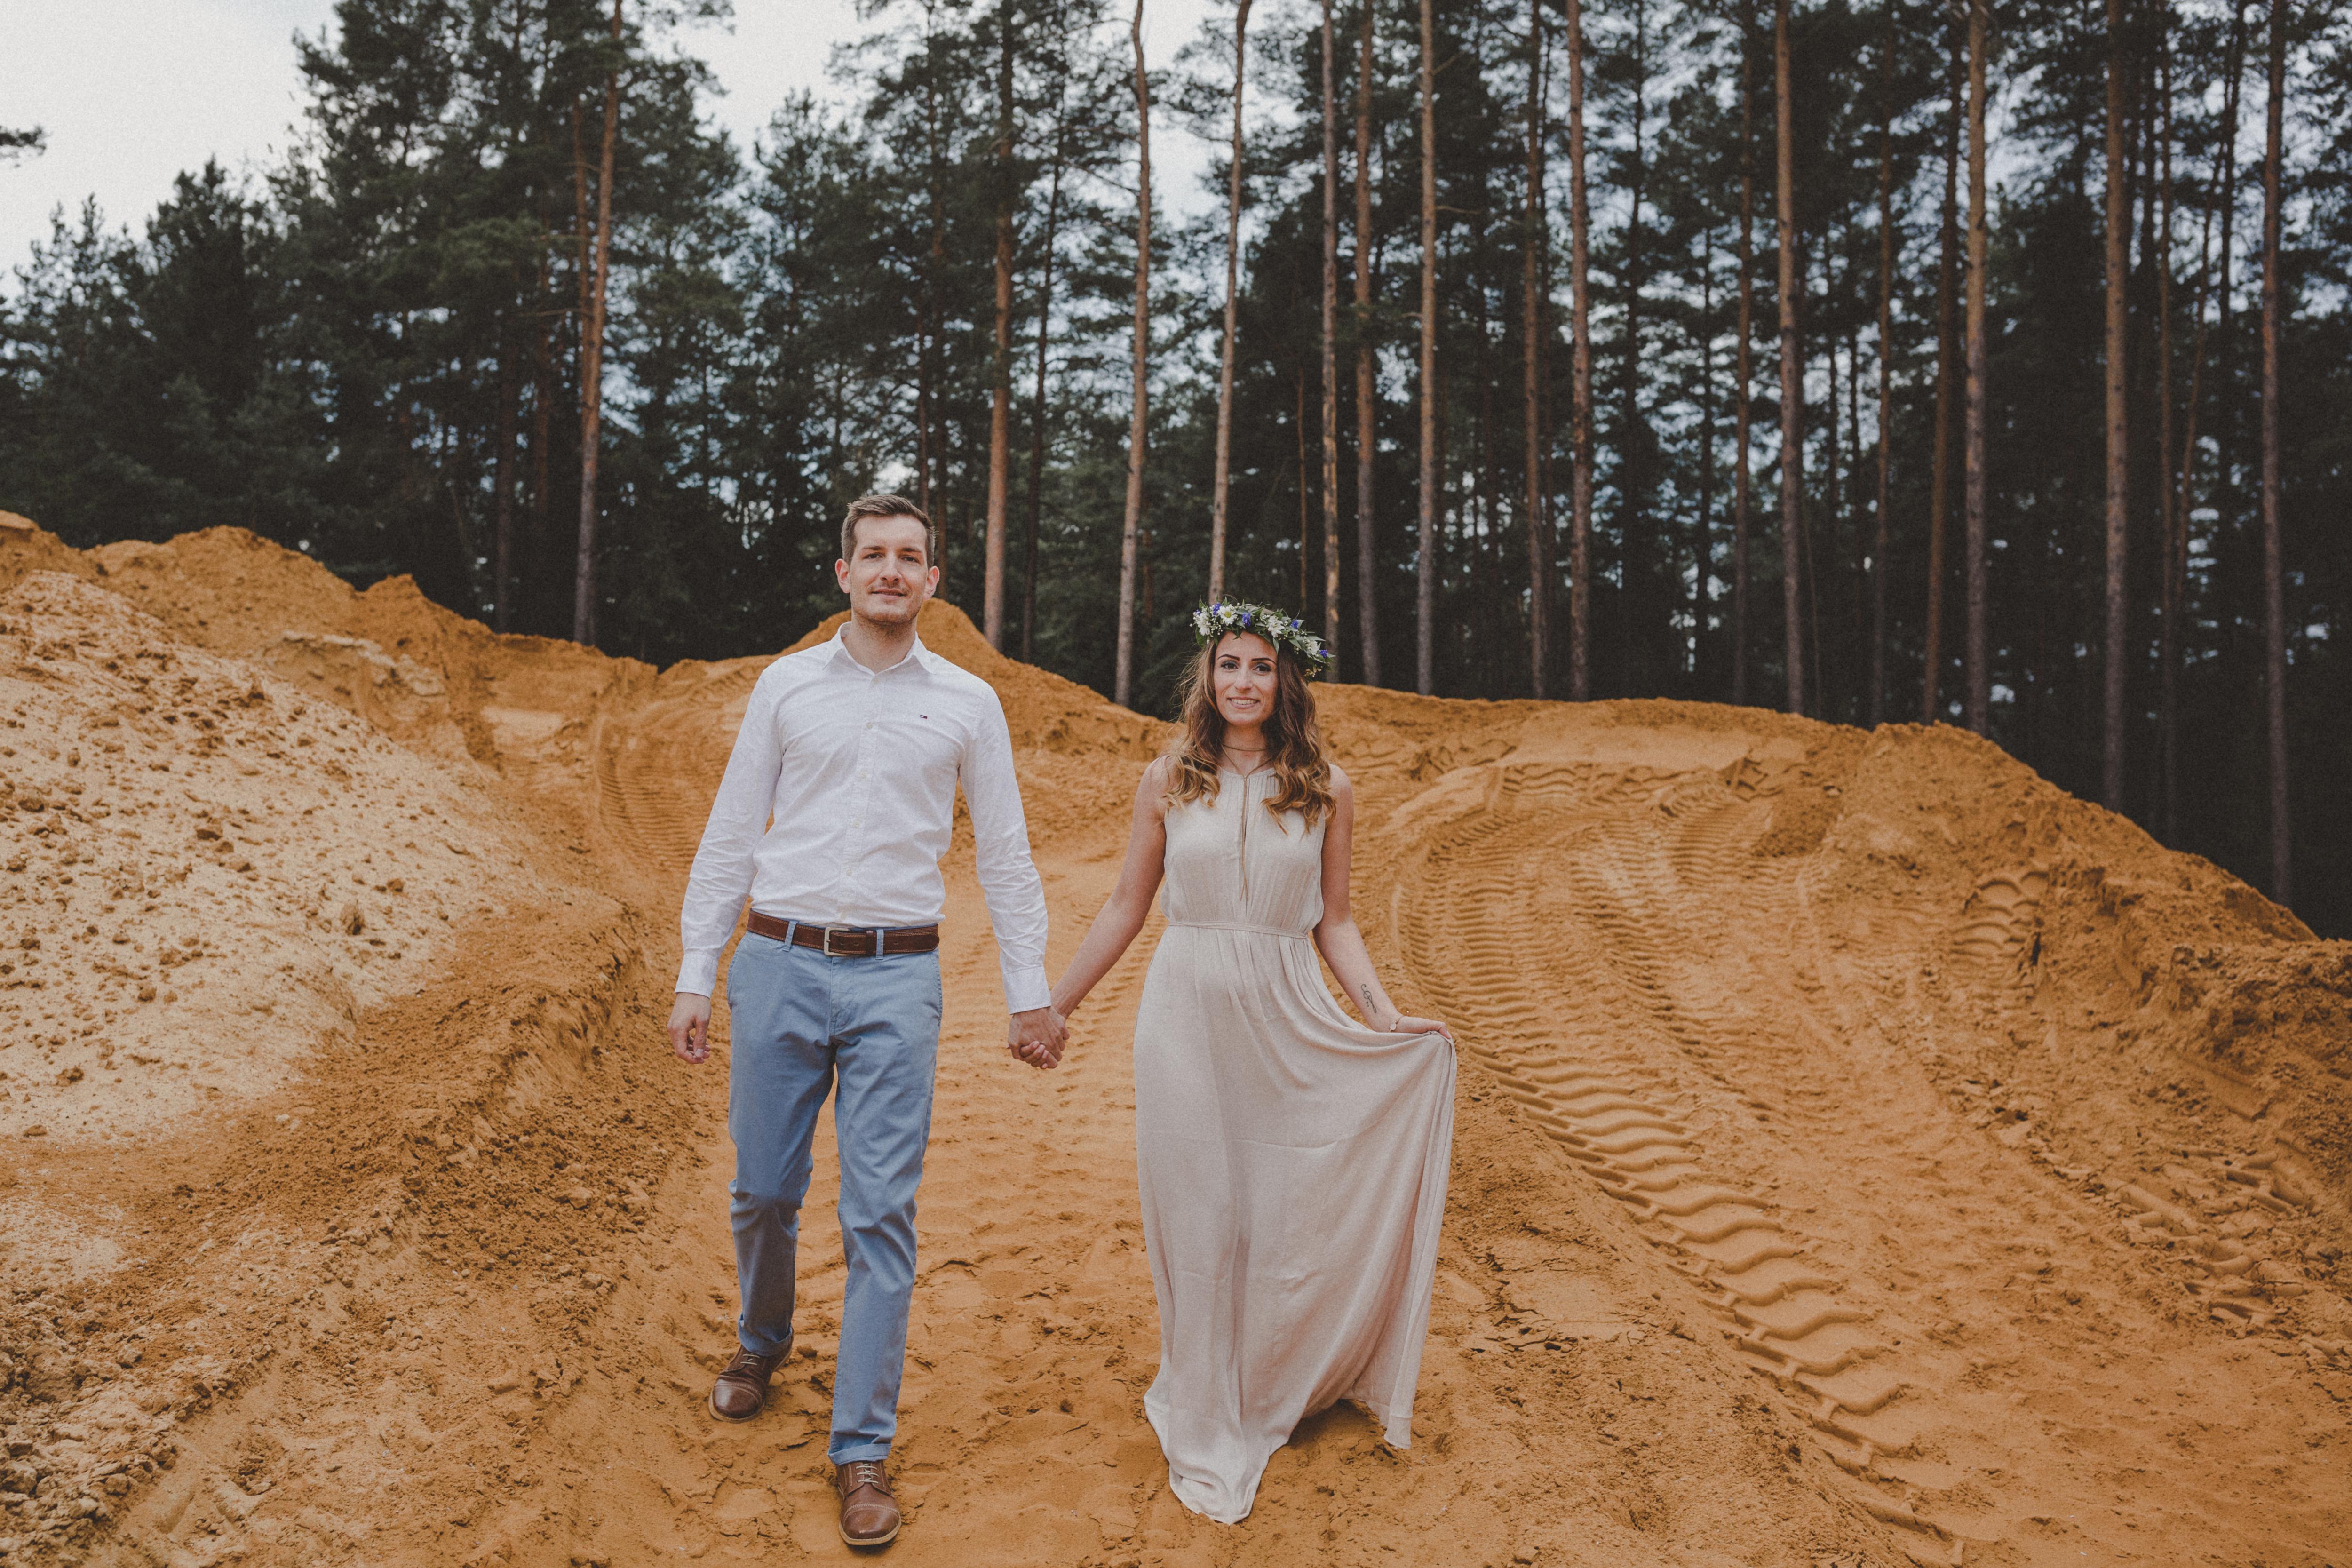 URBANERIE_Daniela_Goth_Hochzeitsfotografin_Nürnberg_Fürth_Erlangen_Schwabach_170415_002_0068